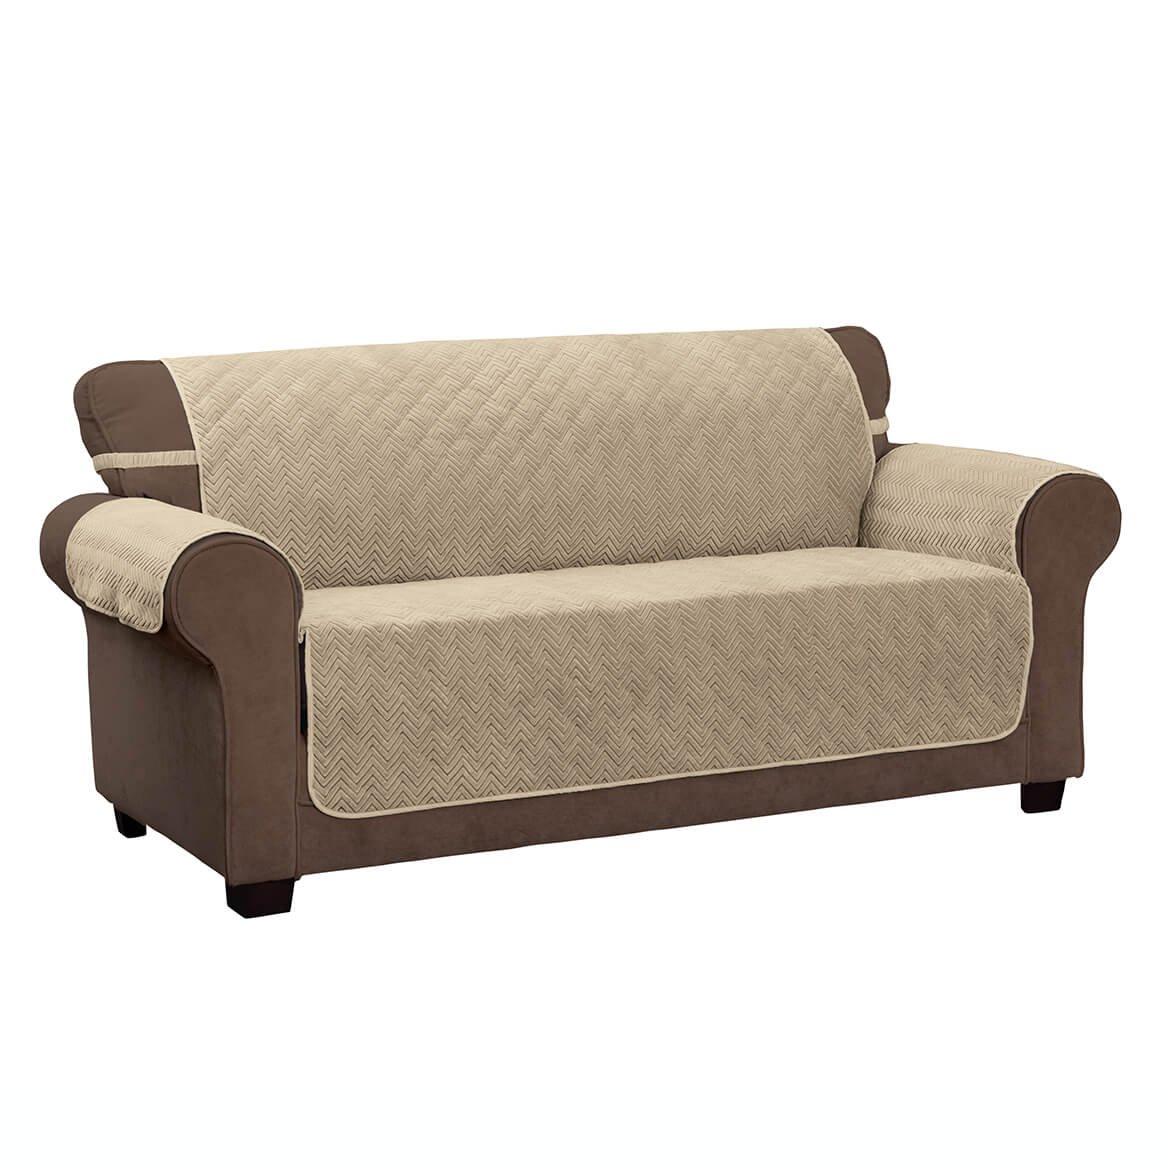 Amazon.com: Miles Kimball Chevron XL Sofa Protector: Home ...